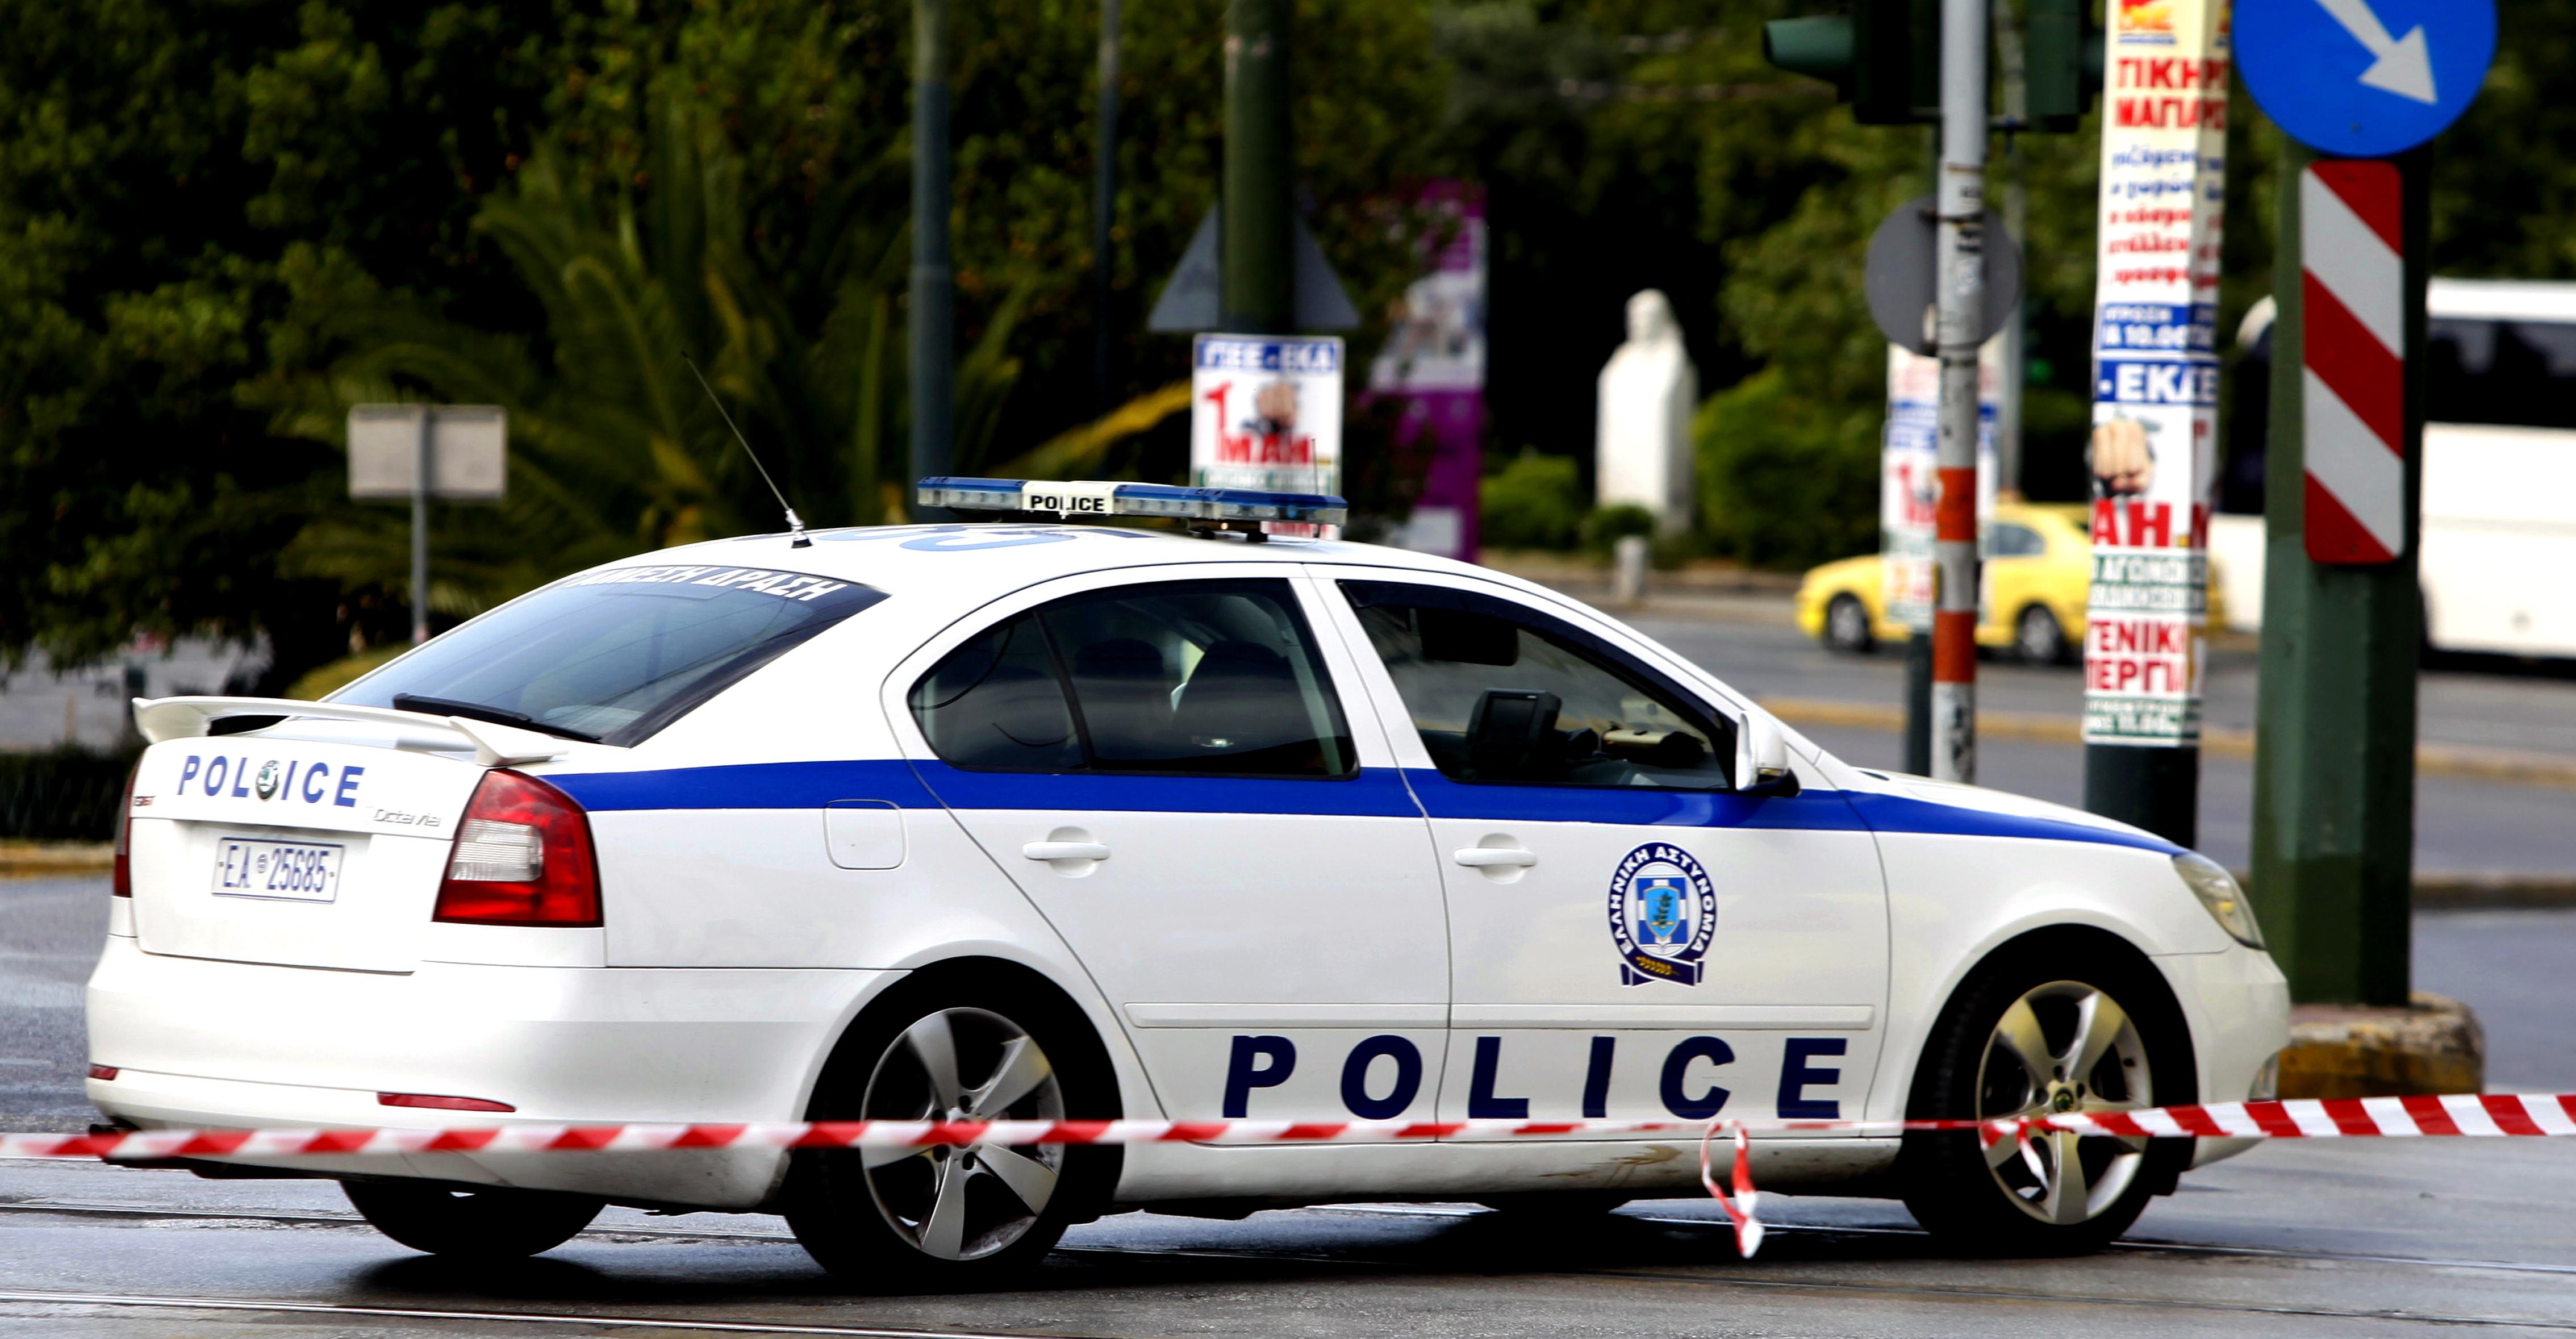 Θεσσαλονίκη: Δύο συλλήψεις για παράνομη διακίνηση αλλοδαπών   tovima.gr